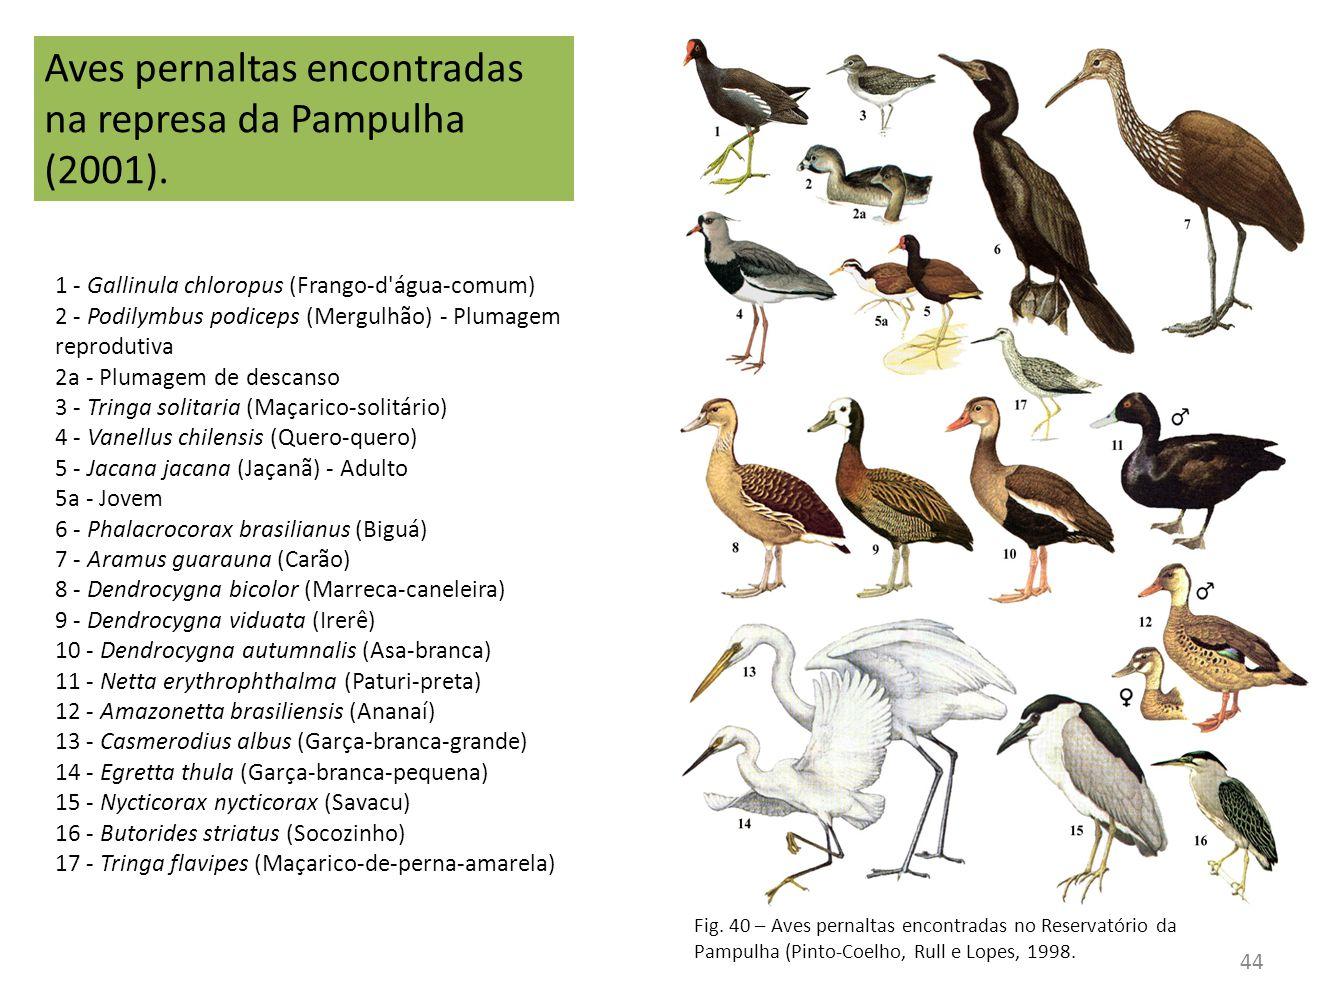 1 - Furnarius figulus (Casaca-de-couro-da-lama) 2 - Certhiaxis cinnamomea (Curutié) 3 - Arundinicola leucocephala (Lavadeira-de-cara-branca) 4 - Donacobius atricapillus (Jacapanim) 5 - Agelaius cyanopus (Carretão) 6 - Agelaius ruficapillus (Garibaldi) (pranchas: Leonardo E.